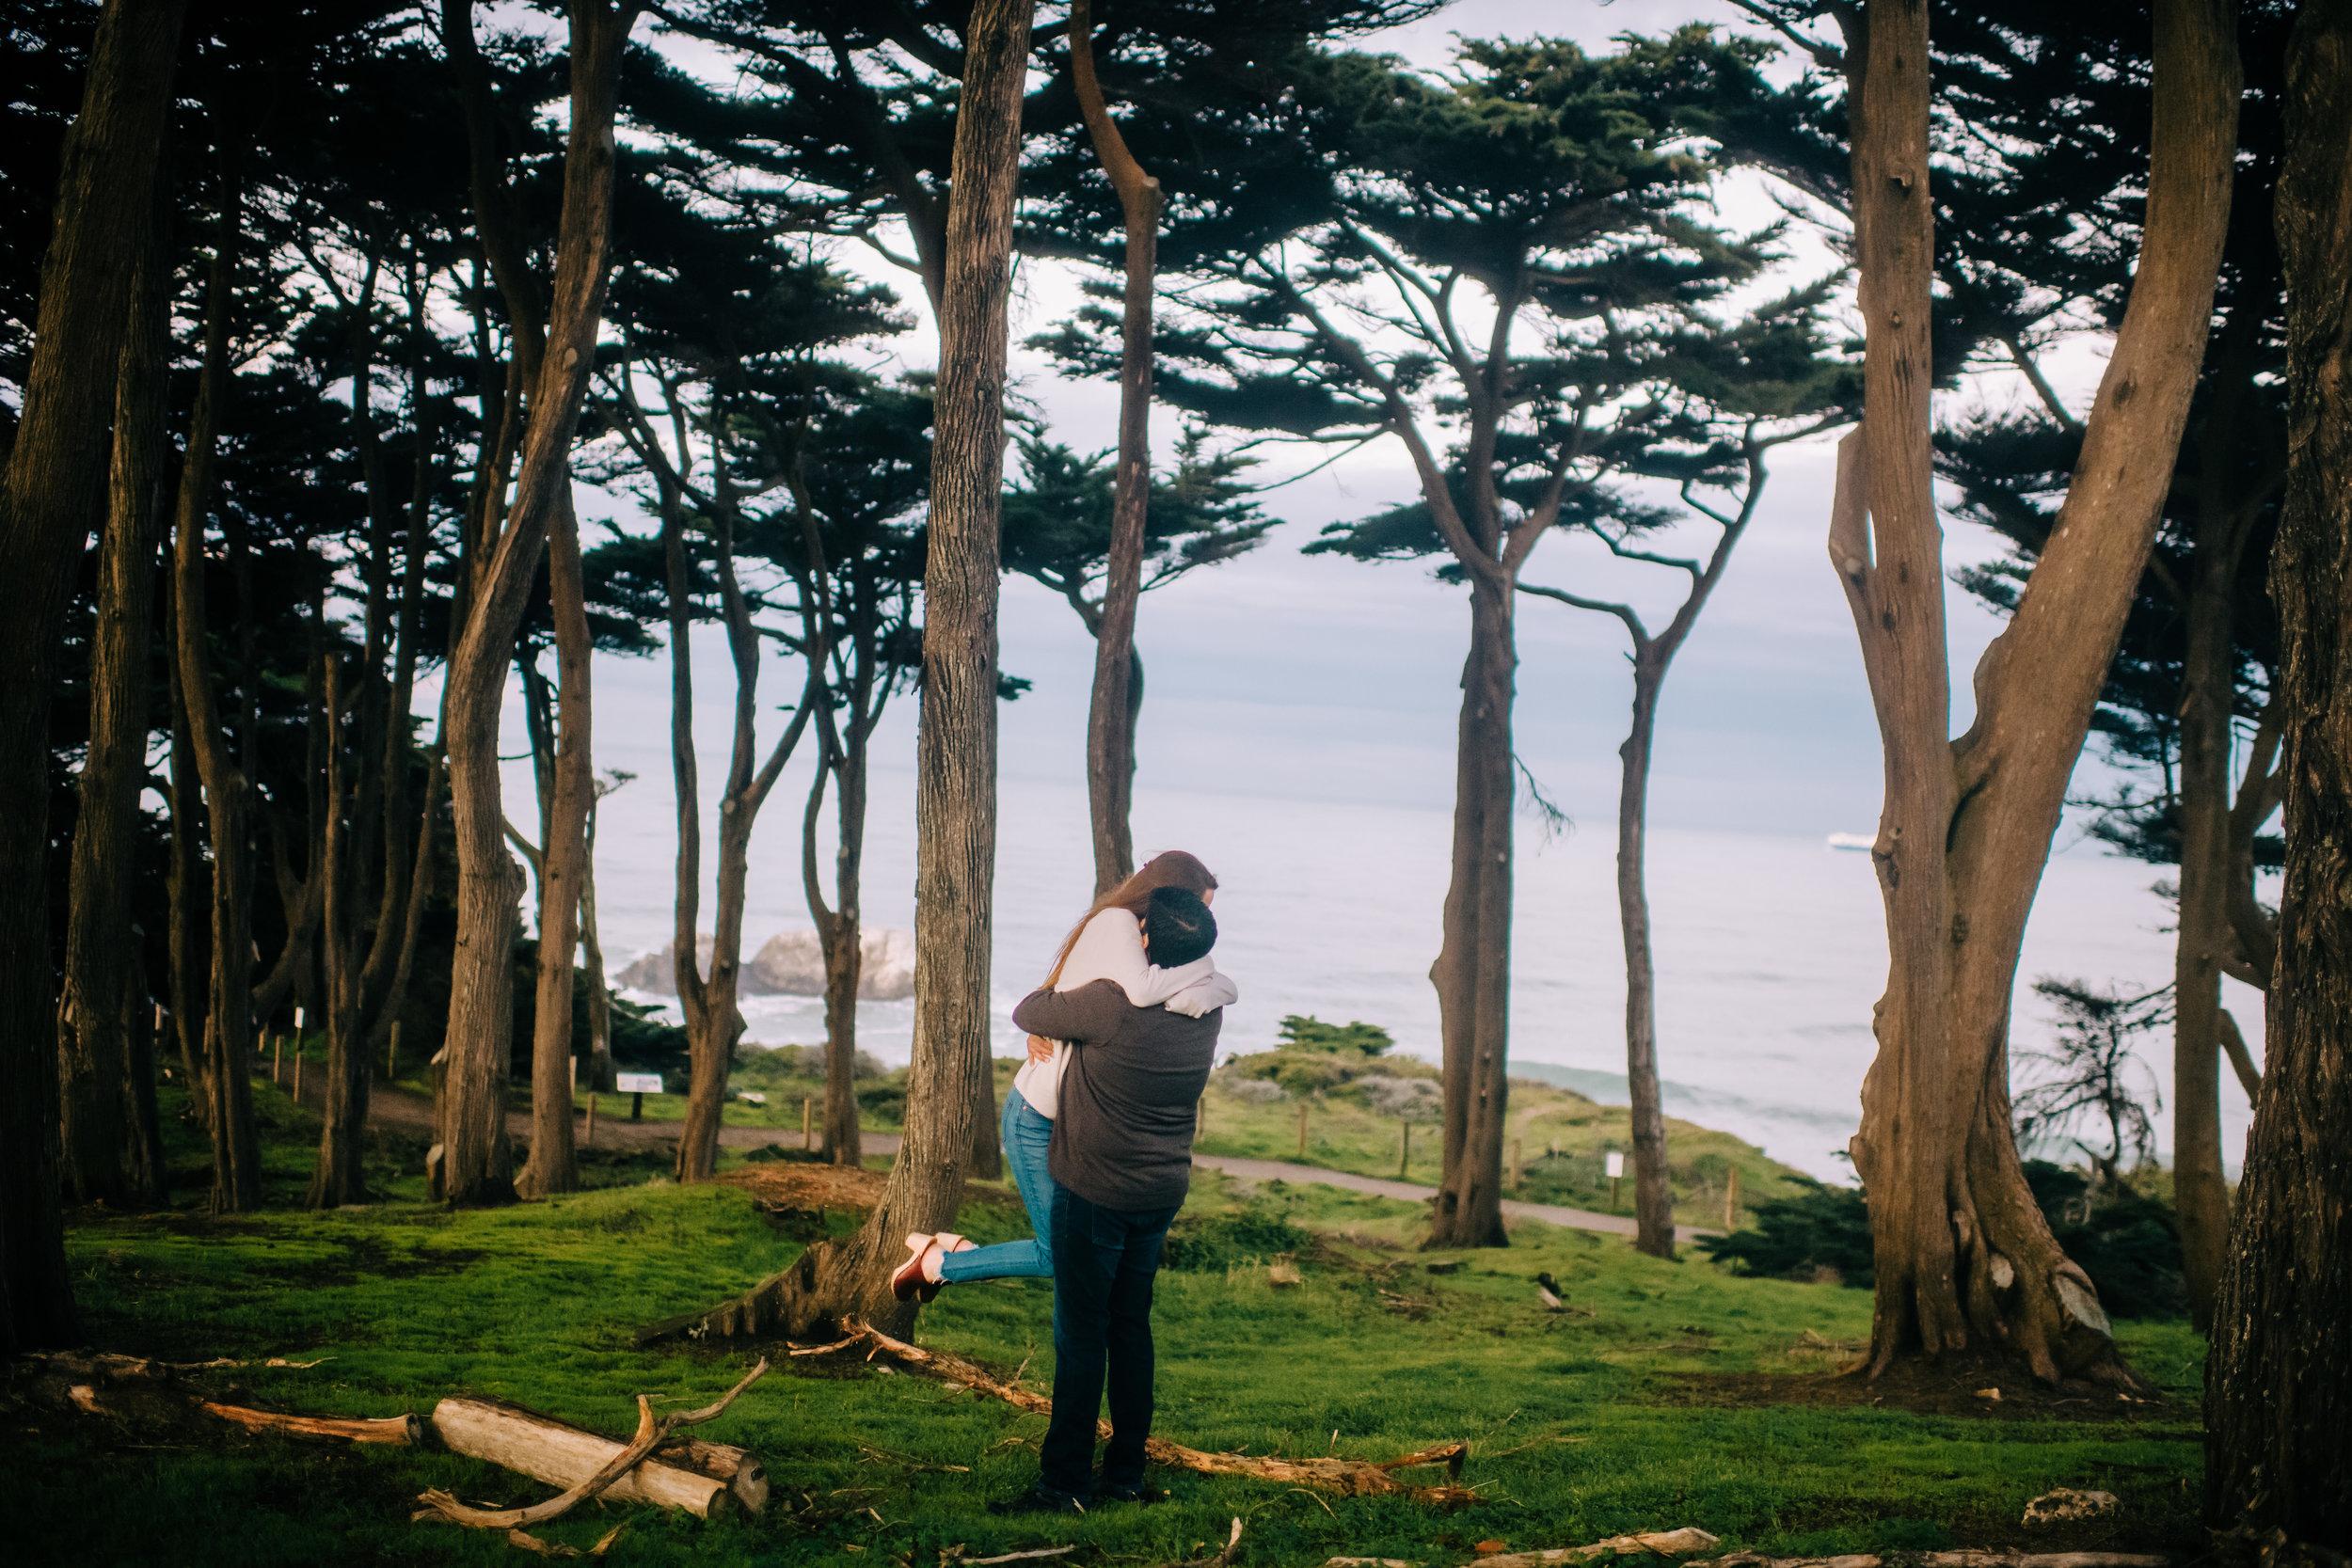 san francisco oakland bay area california sf yosemite sutro baths lands end sf  nontraditional wedding photographer -20.jpg